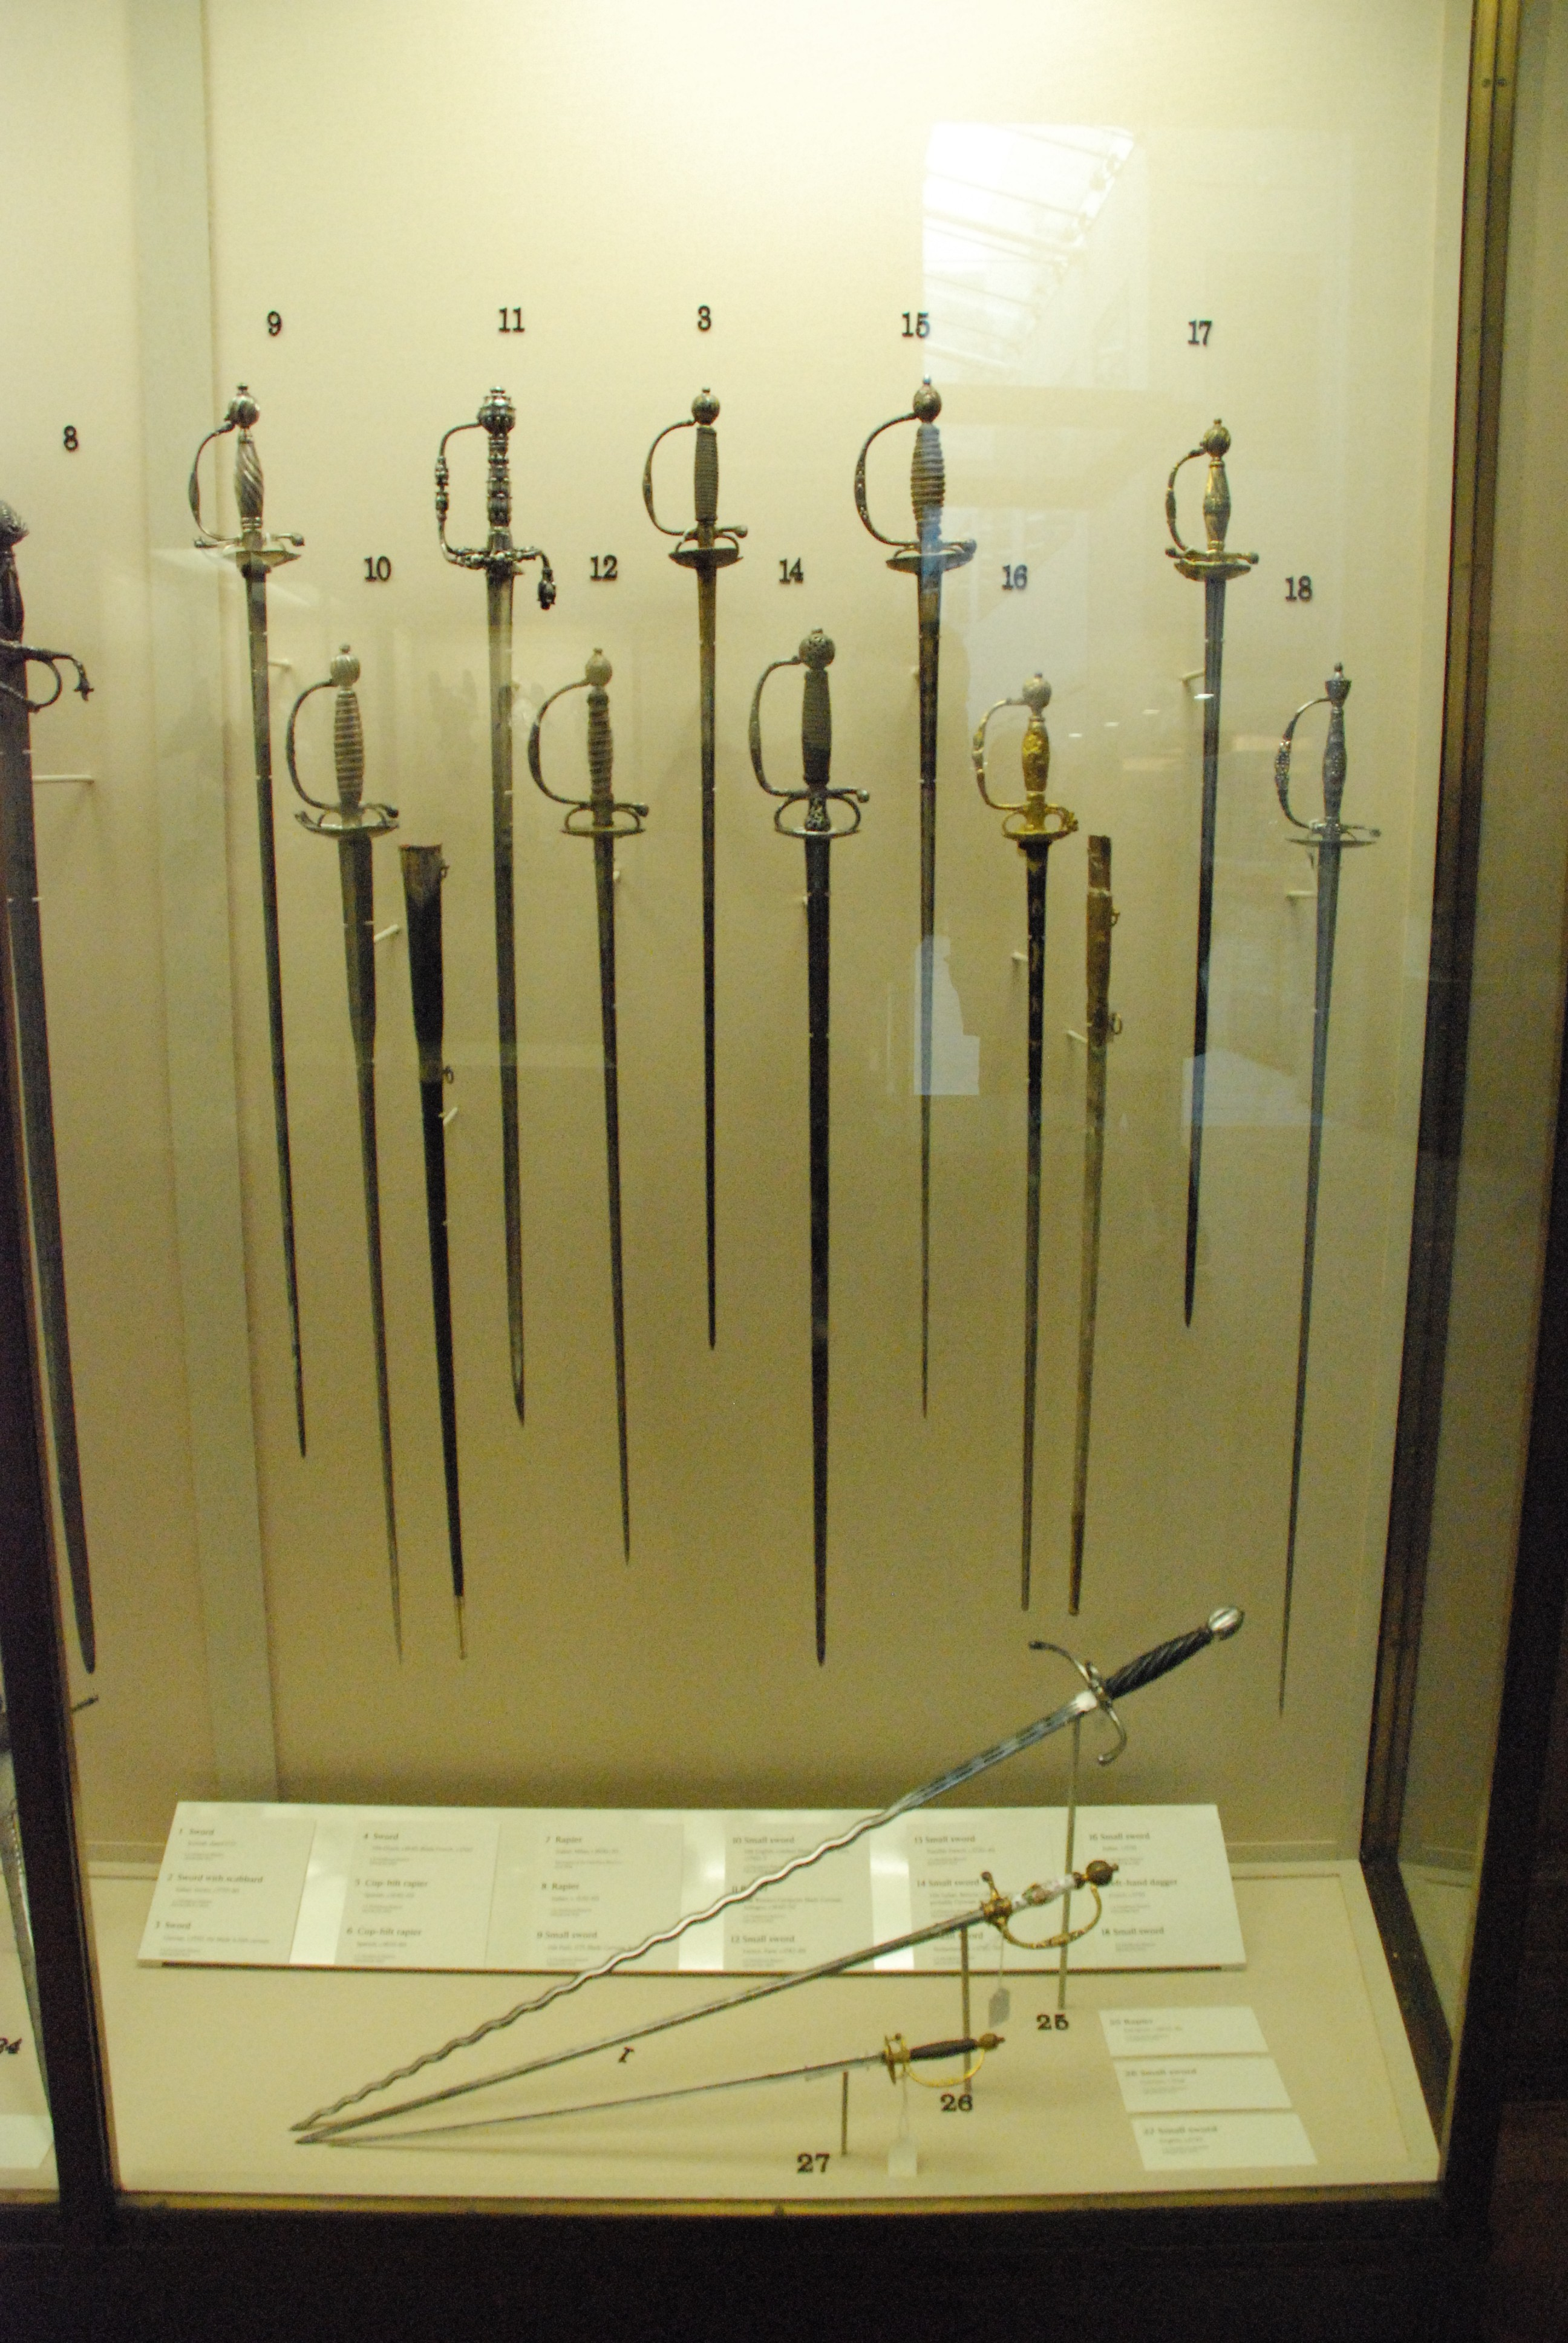 C'est un petit échantillon de toutes les épées présentées